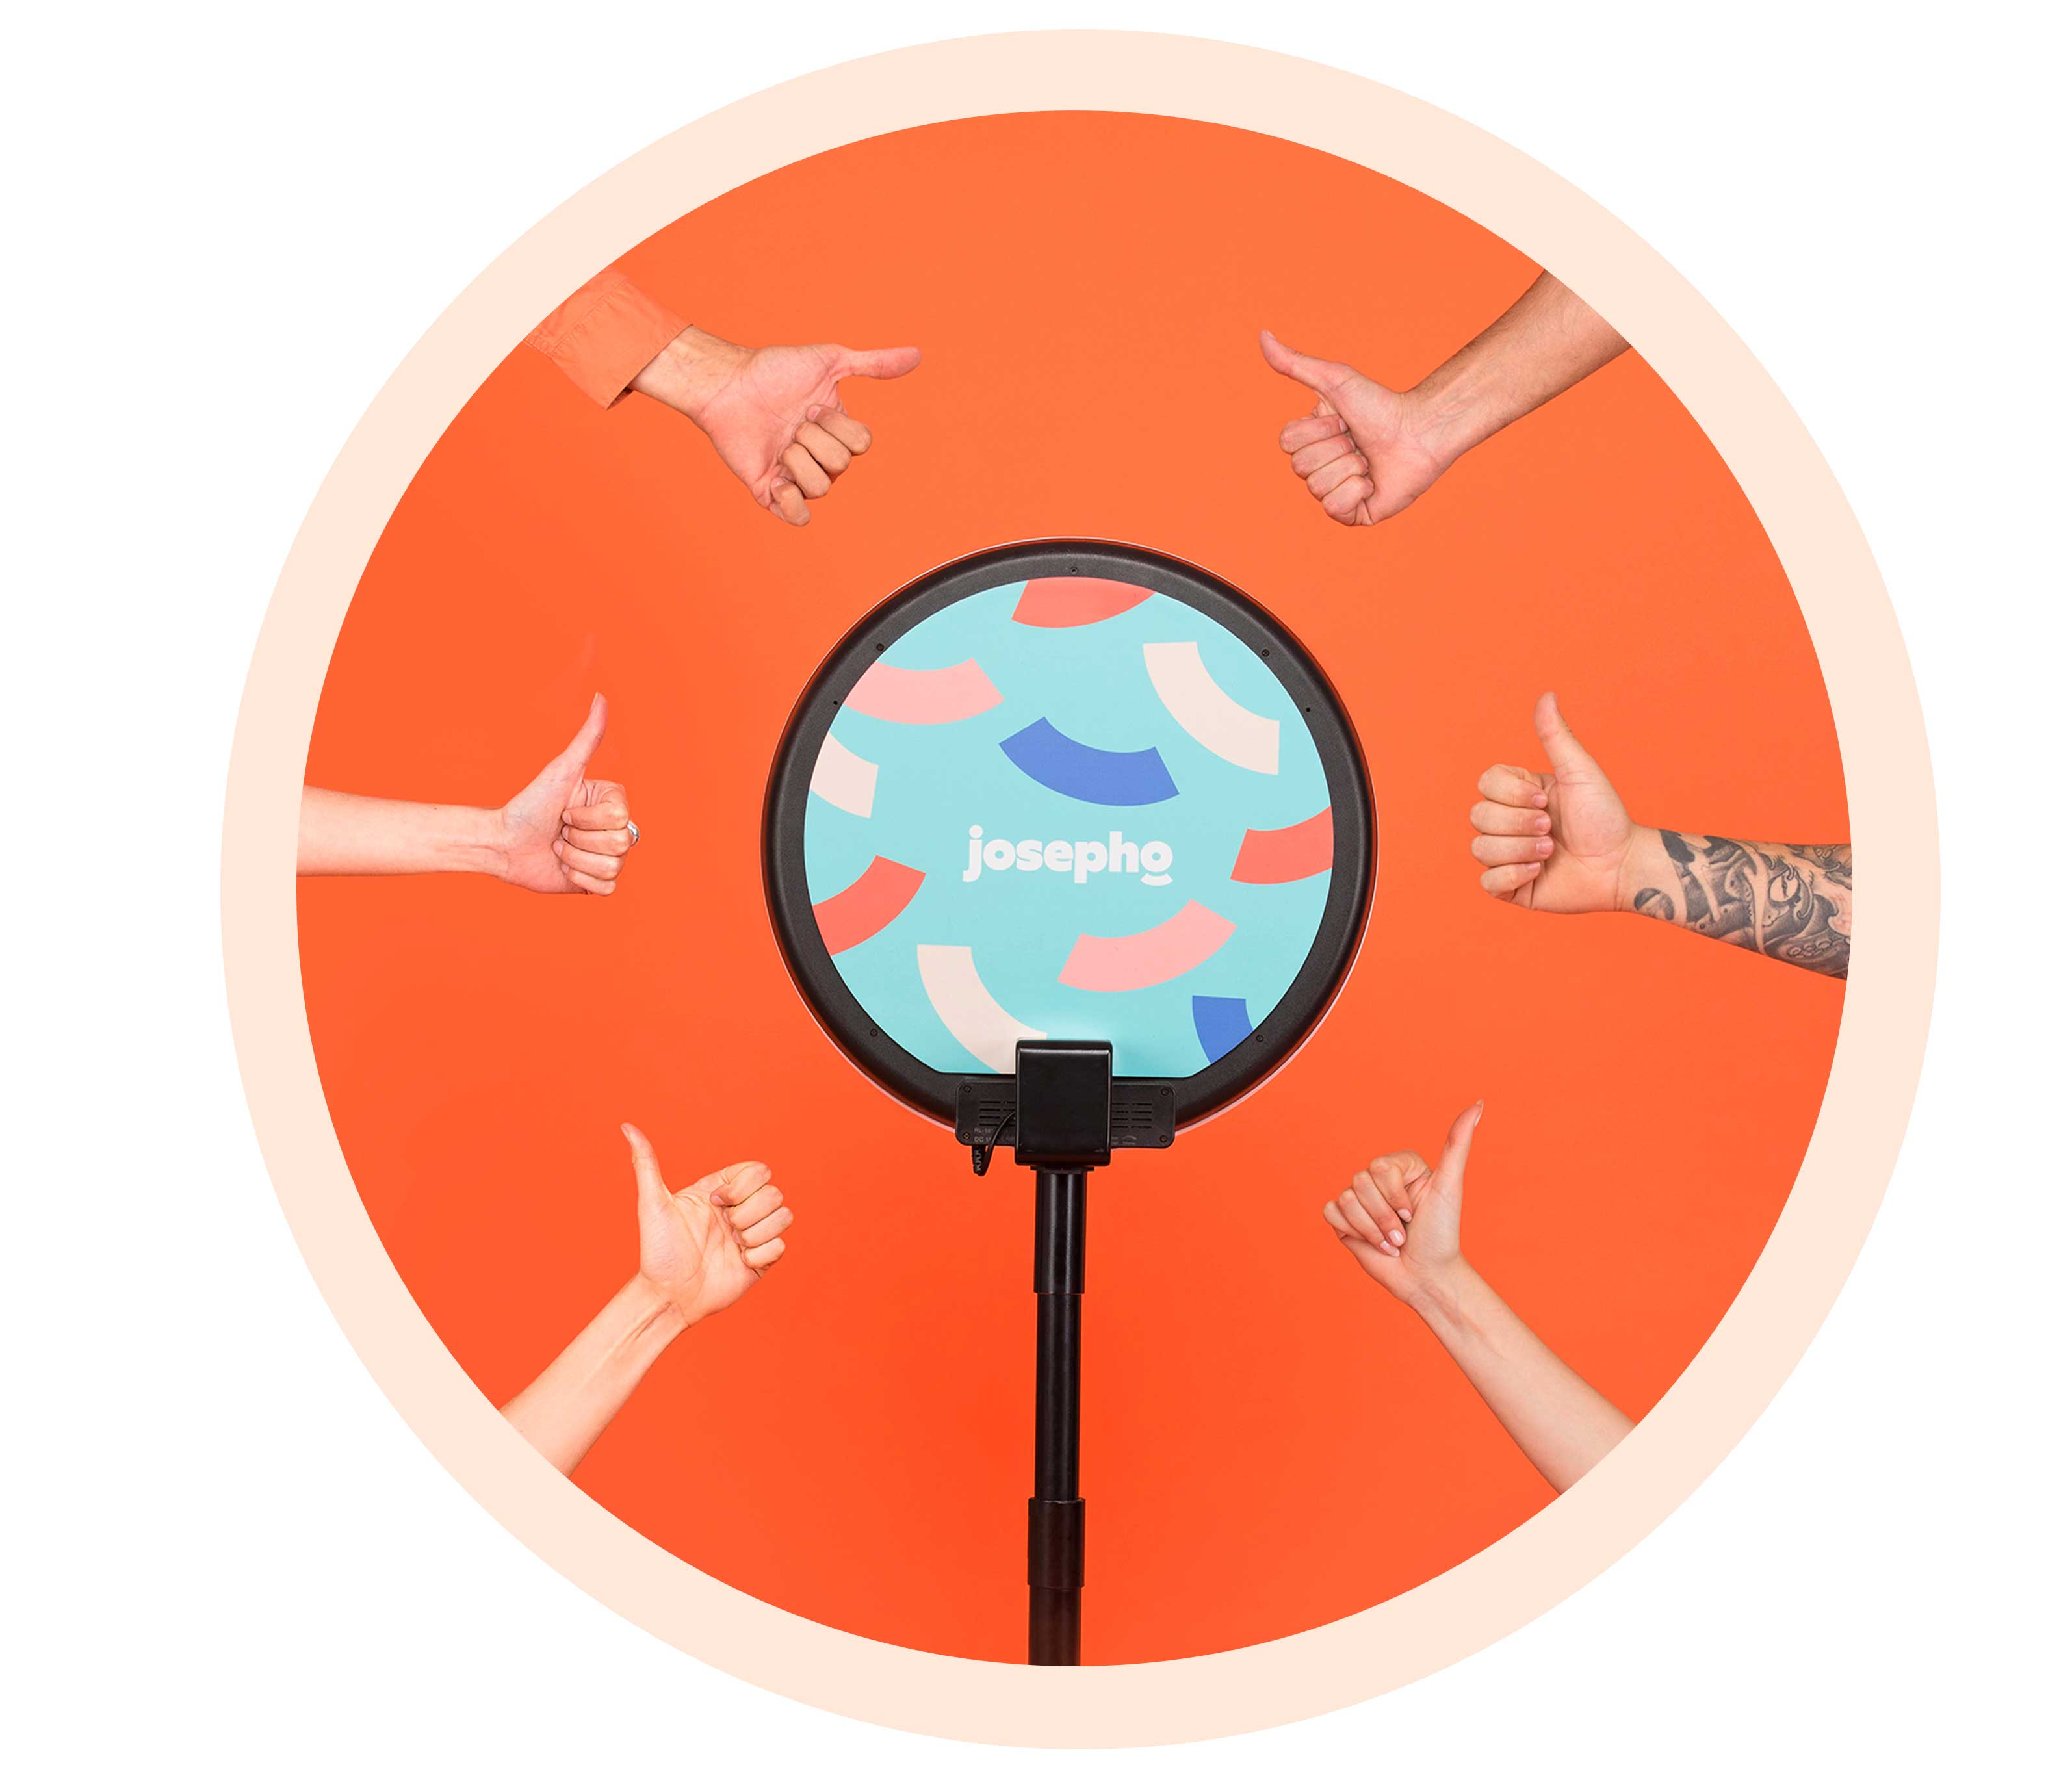 Six mains avec le pouce levé sont positionnées autour du photobooth josepho.